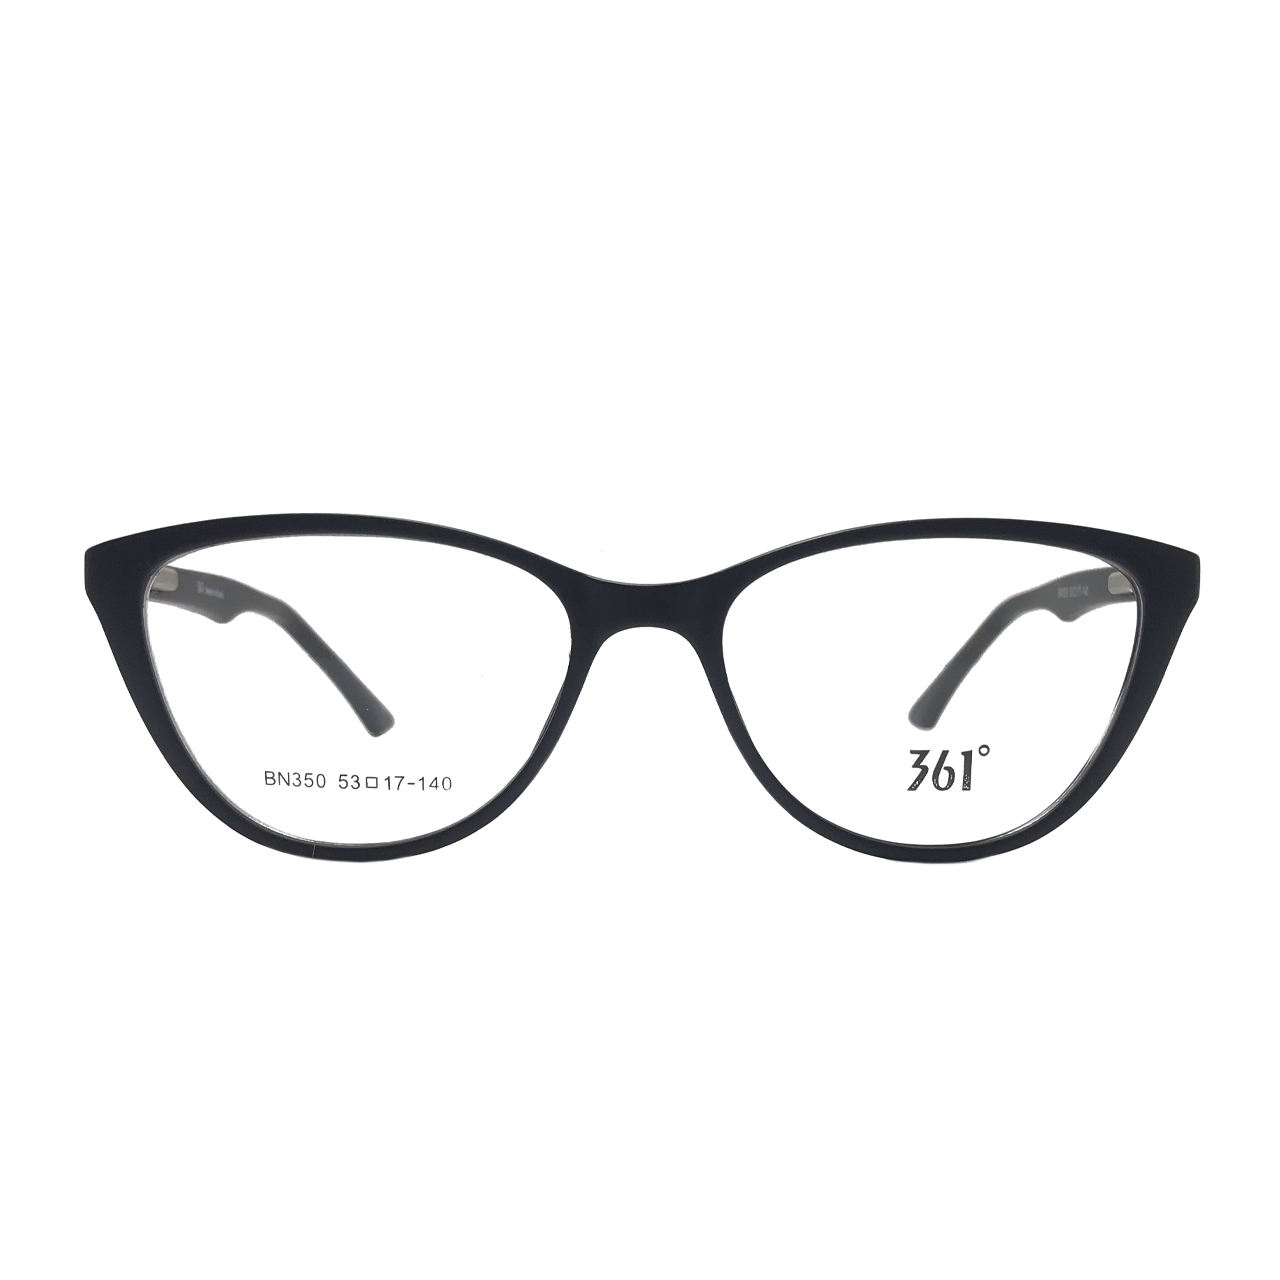 فریم عینک طبی زنانه 361 درجه کد BN350 -  - 1